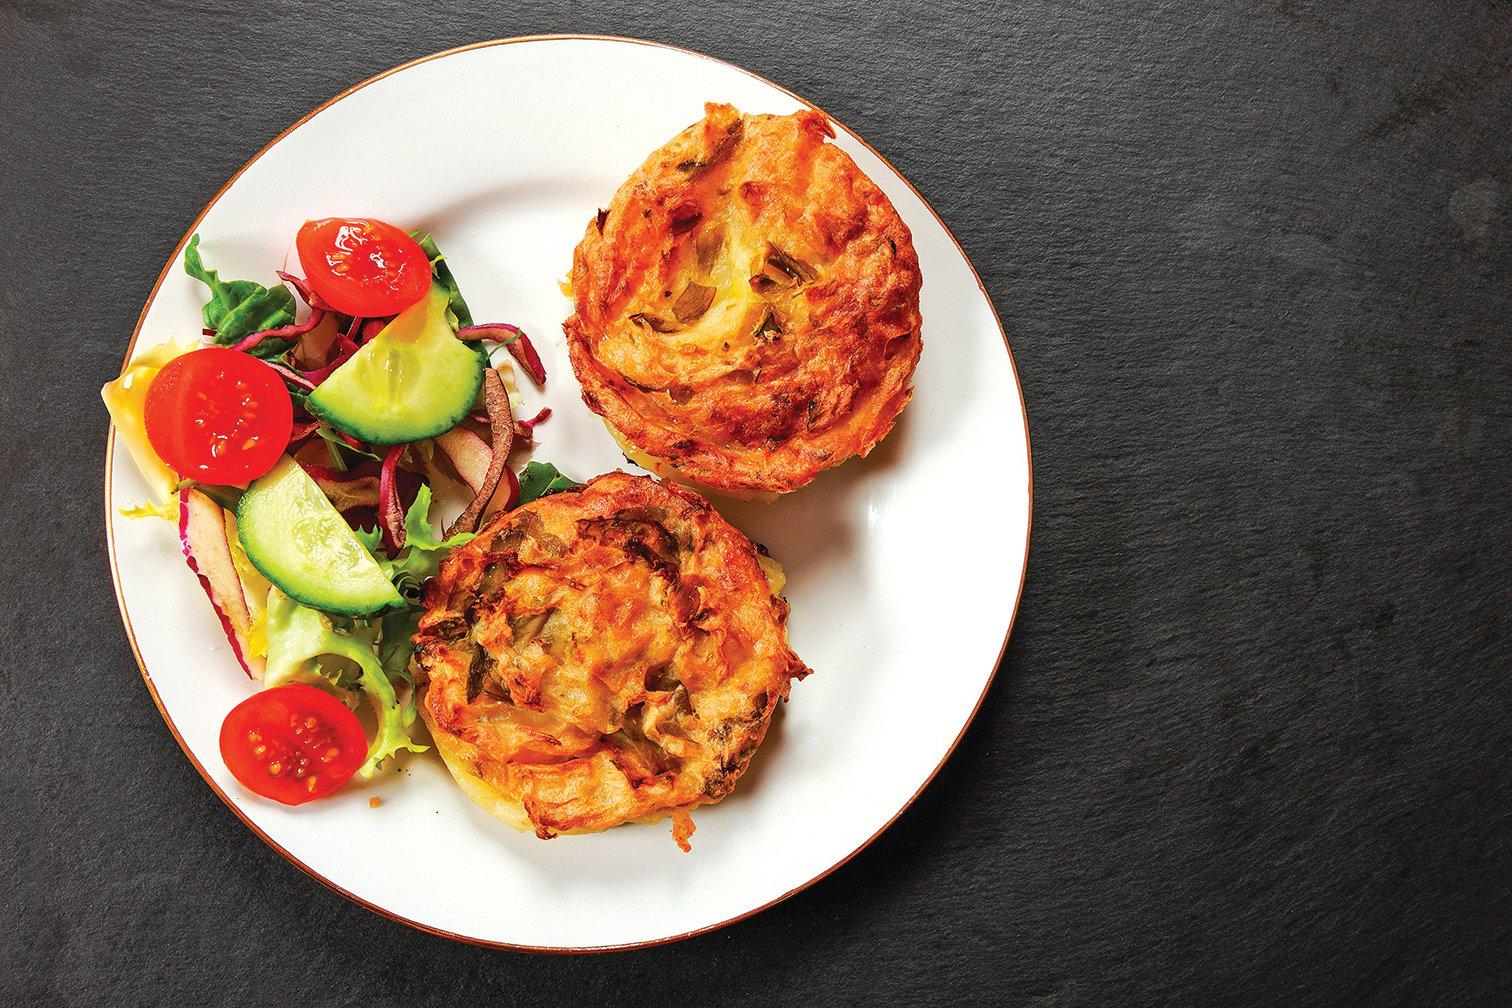 捲心菜煎馬鈴薯是善用剩馬鈴薯和剩菜煎出的派餅。